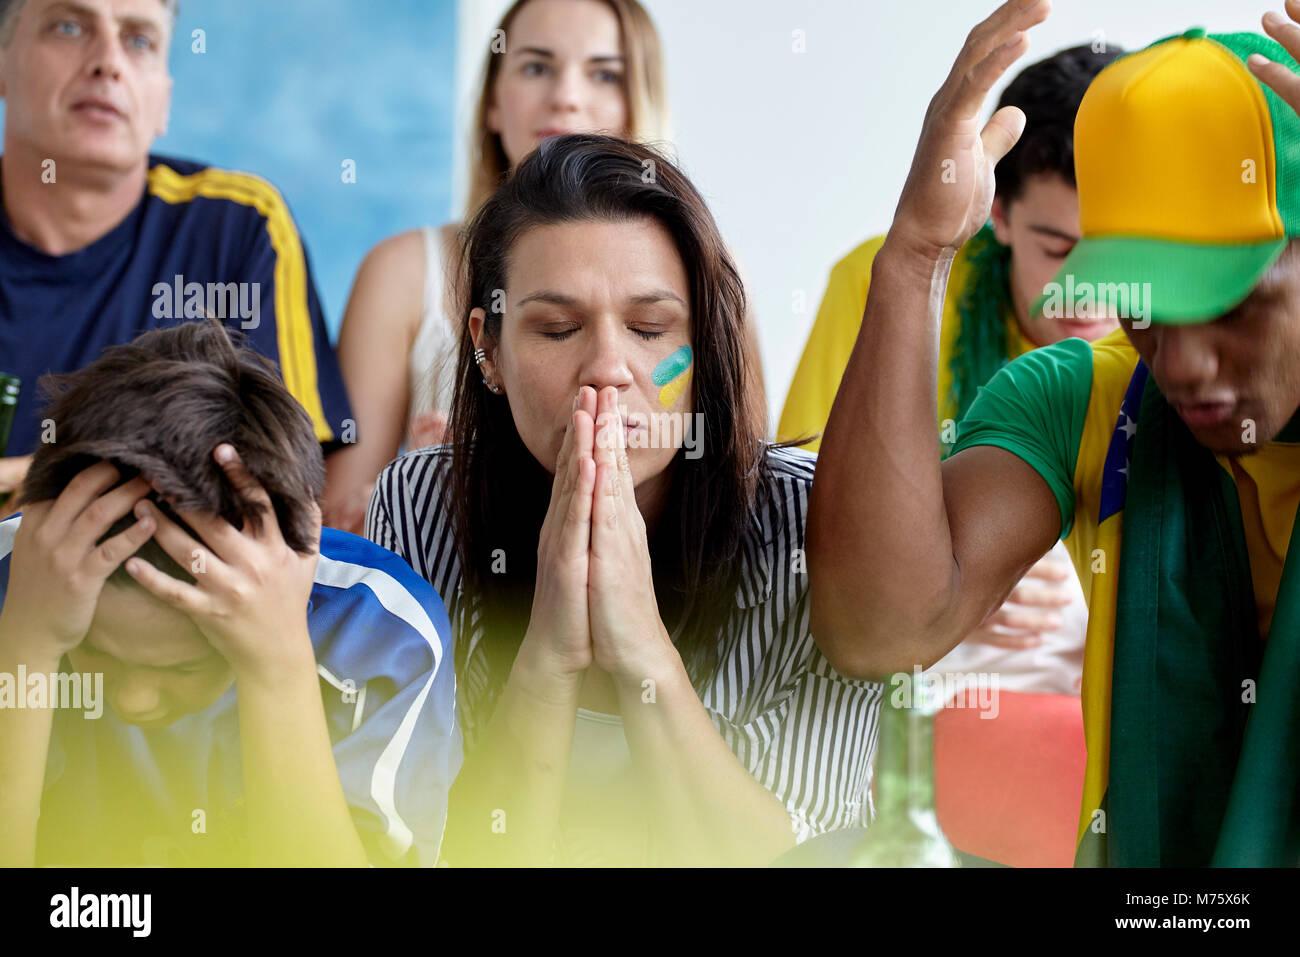 Brasilianischen Fußball-Fans auf der Suche umgekippt während Gleiches zu Hause beobachten Stockbild